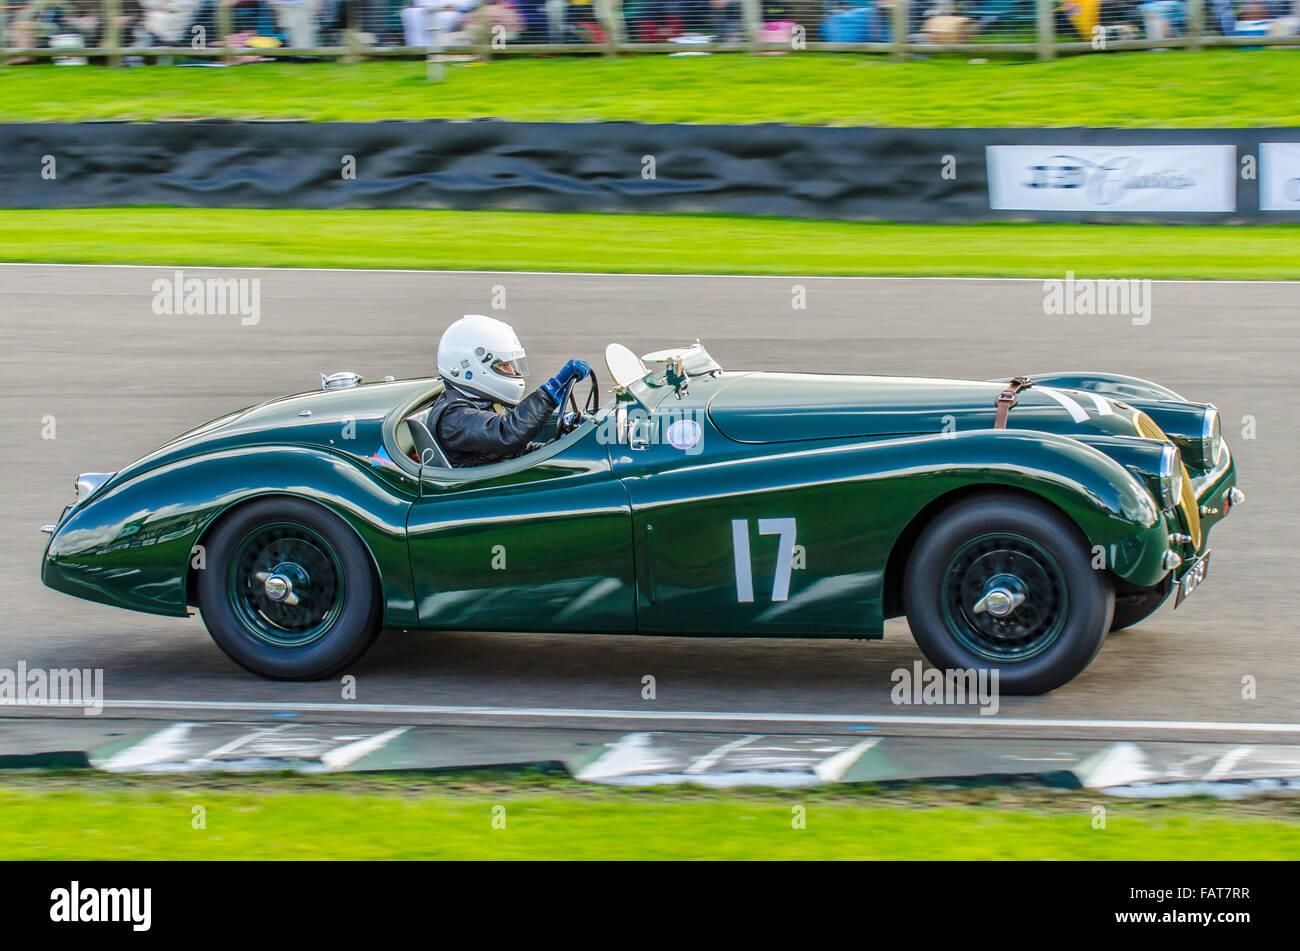 Jaguar Xk150 Stock Photos Amp Jaguar Xk150 Stock Images Alamy